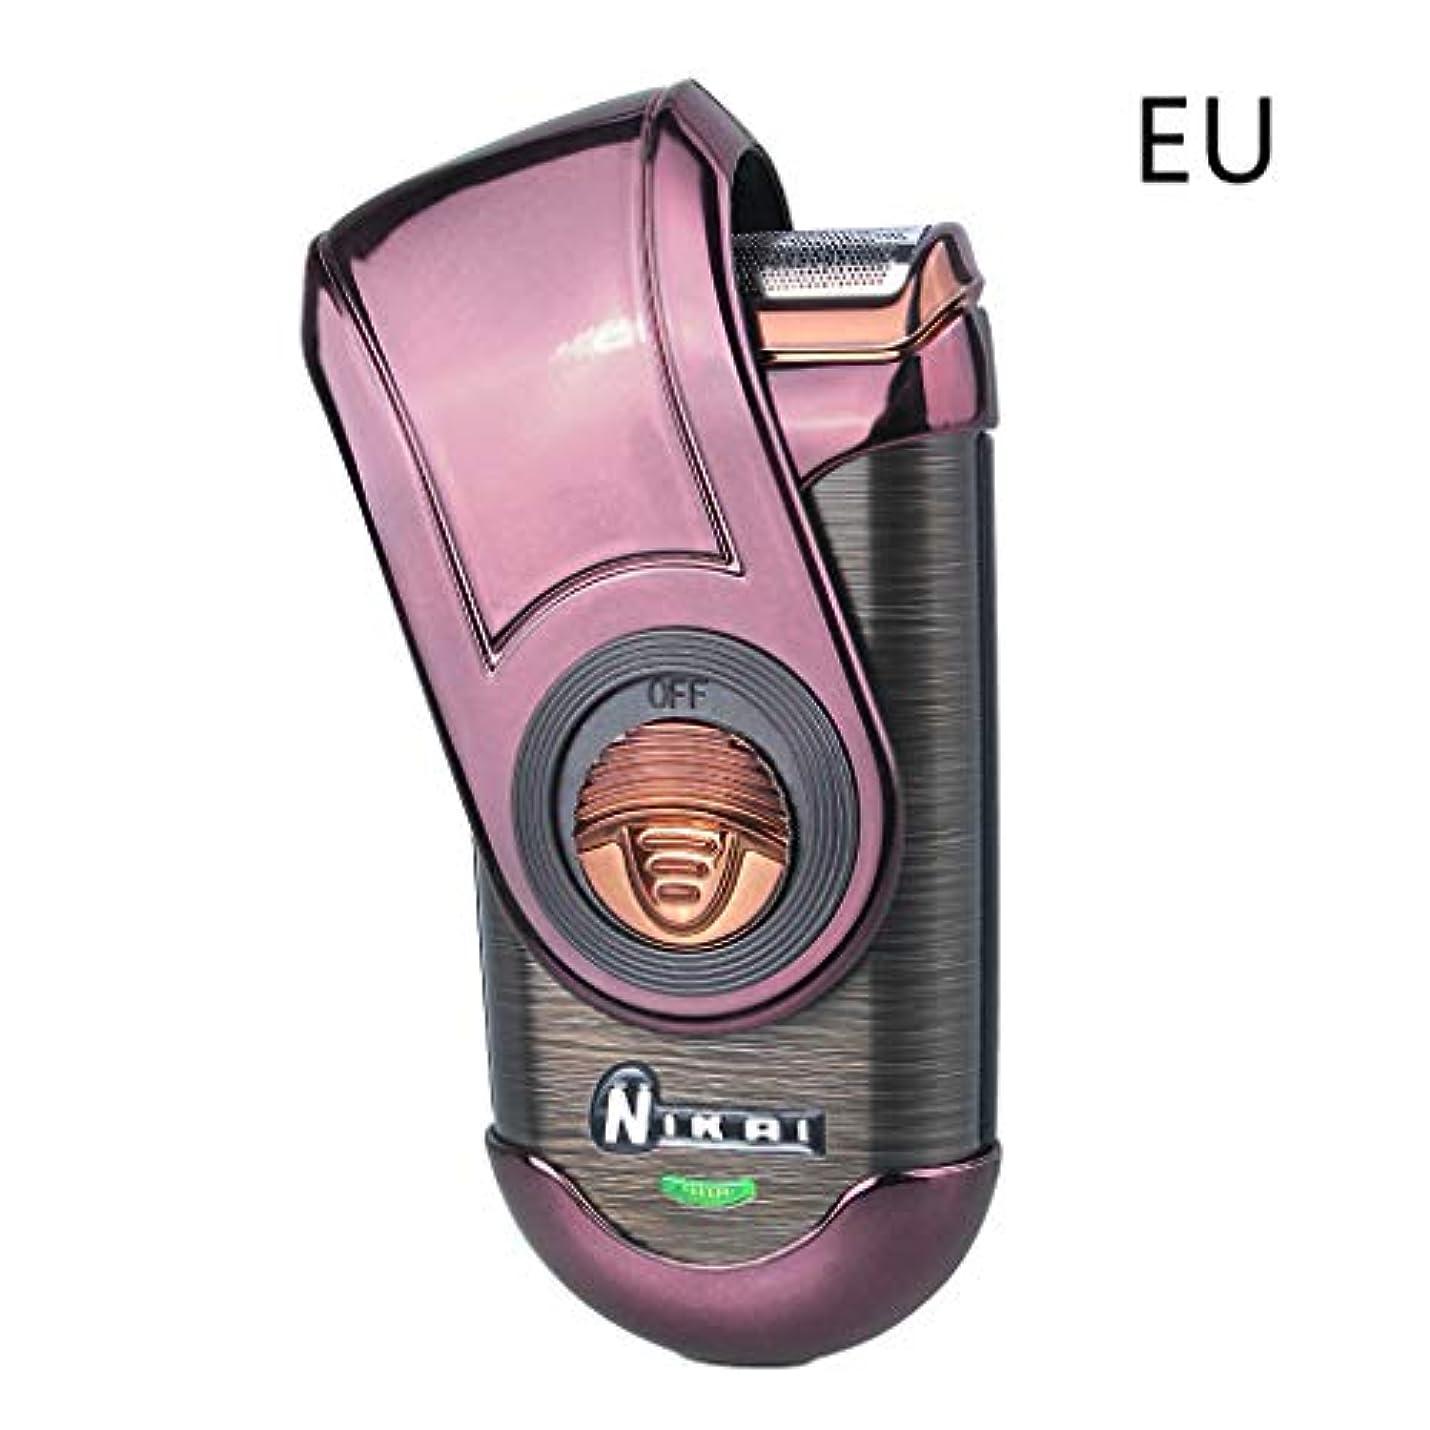 味わう屋内で重力YHSUNN 充電式シェーバー強力な電気シェーバーポータブル往復カミソリ充電シングルメッシュ電気かみそり用男性フェイスケア多機能シェービング